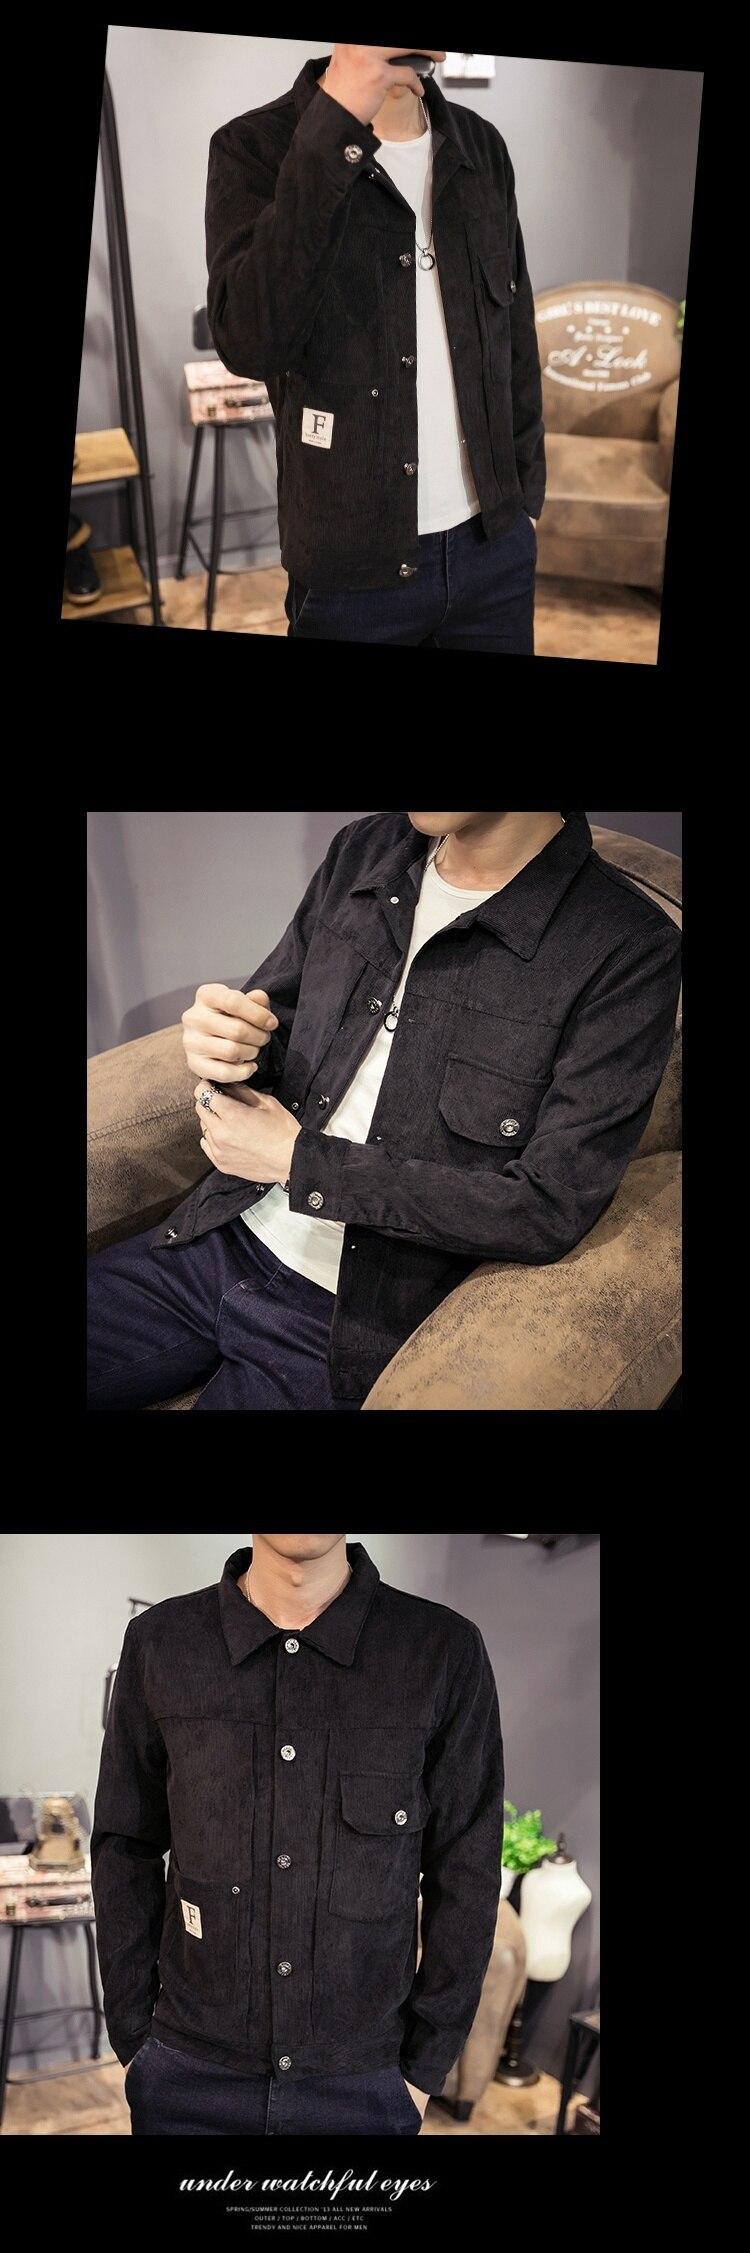 Hc5ae77d11c894f31a841ea441337ab1dT Zongke Japan Style Corduroy Jacket Men Hip Hop Streetwear Men Jacket Coat Windbreaker Clothes Bomber Jacket Men 5XL 2019 New